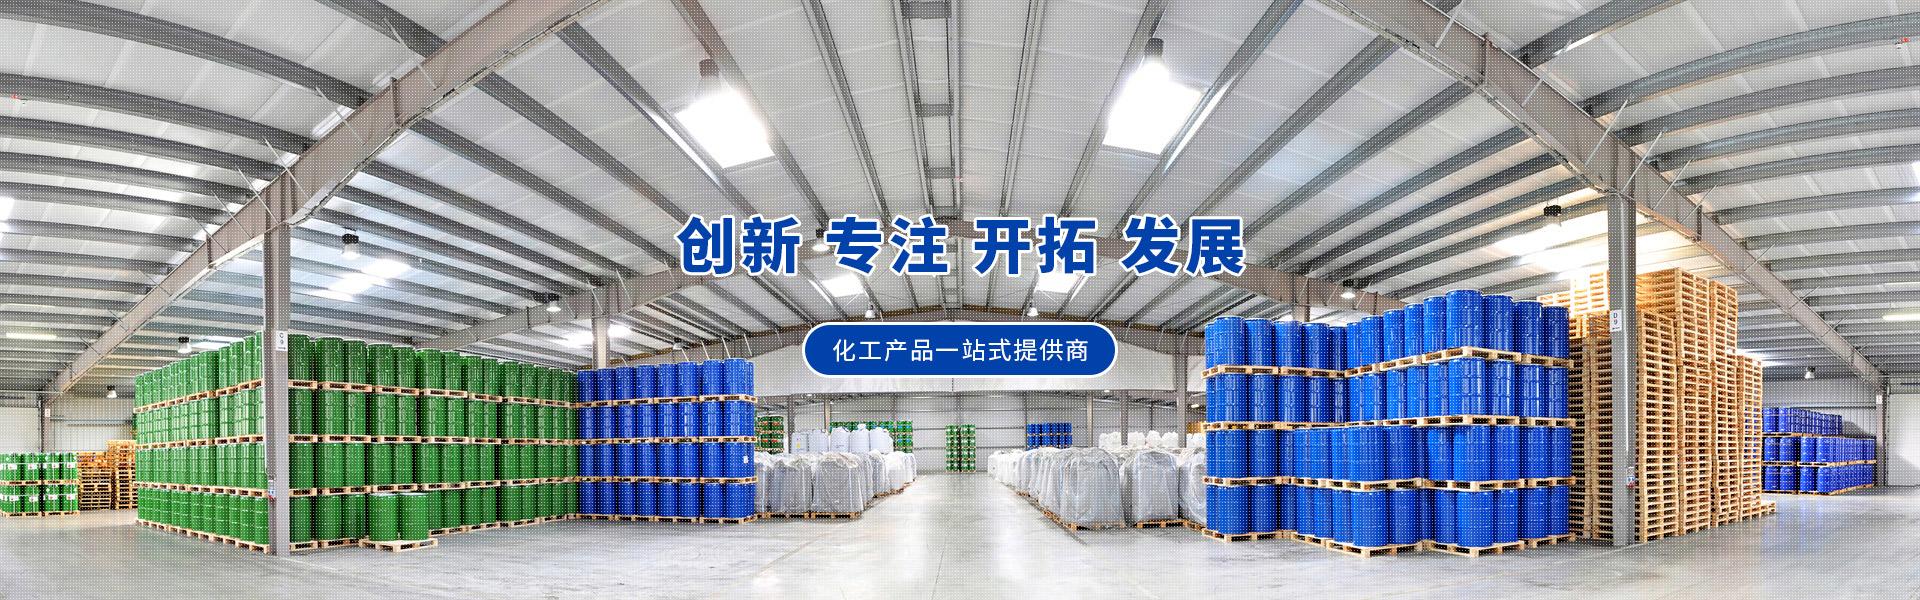 硝酸汞廠家價格-硫柳汞廠家-硫酸汞生產廠家-碘化汞價格-碘化汞鉀廠家